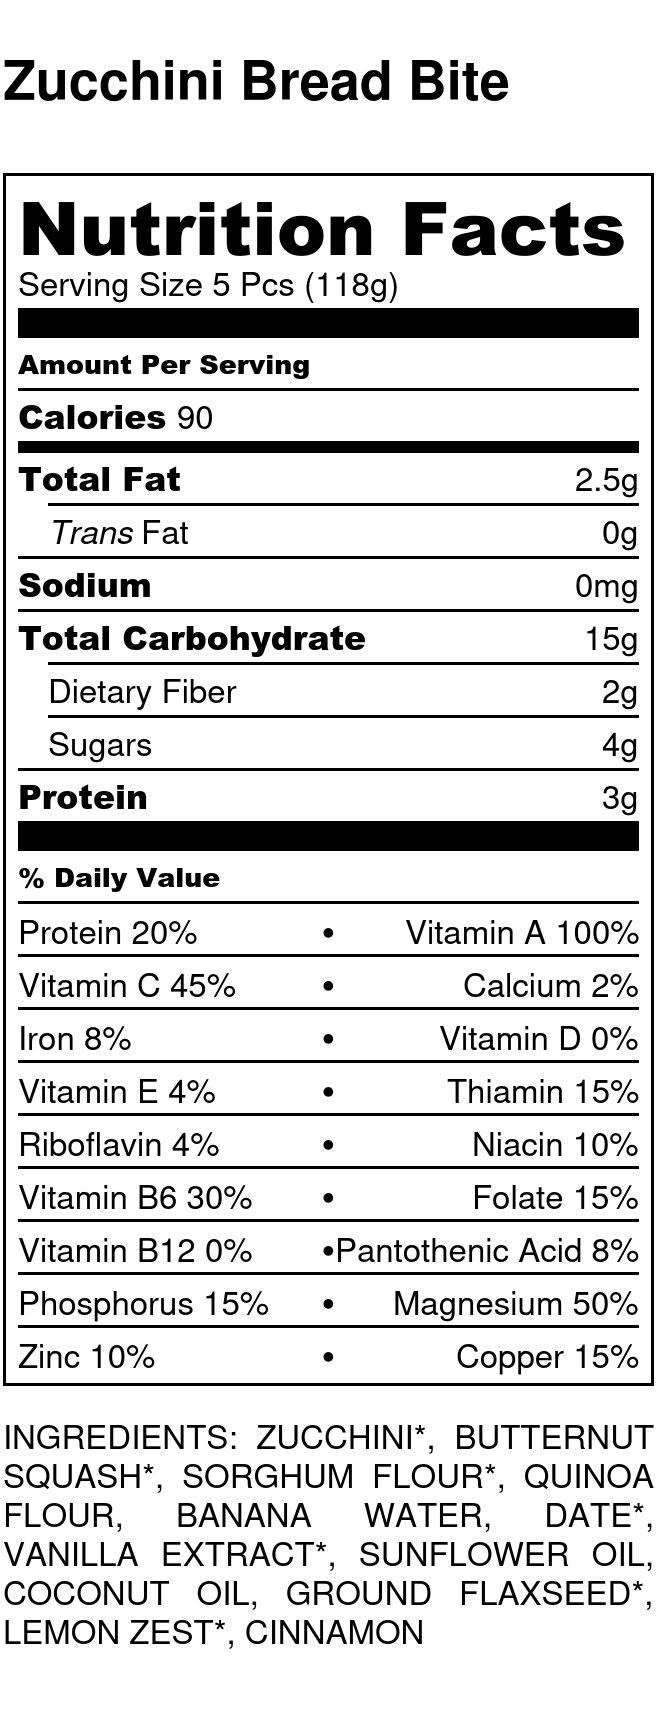 Yumi Zucchini Bread Bite nutrition facts